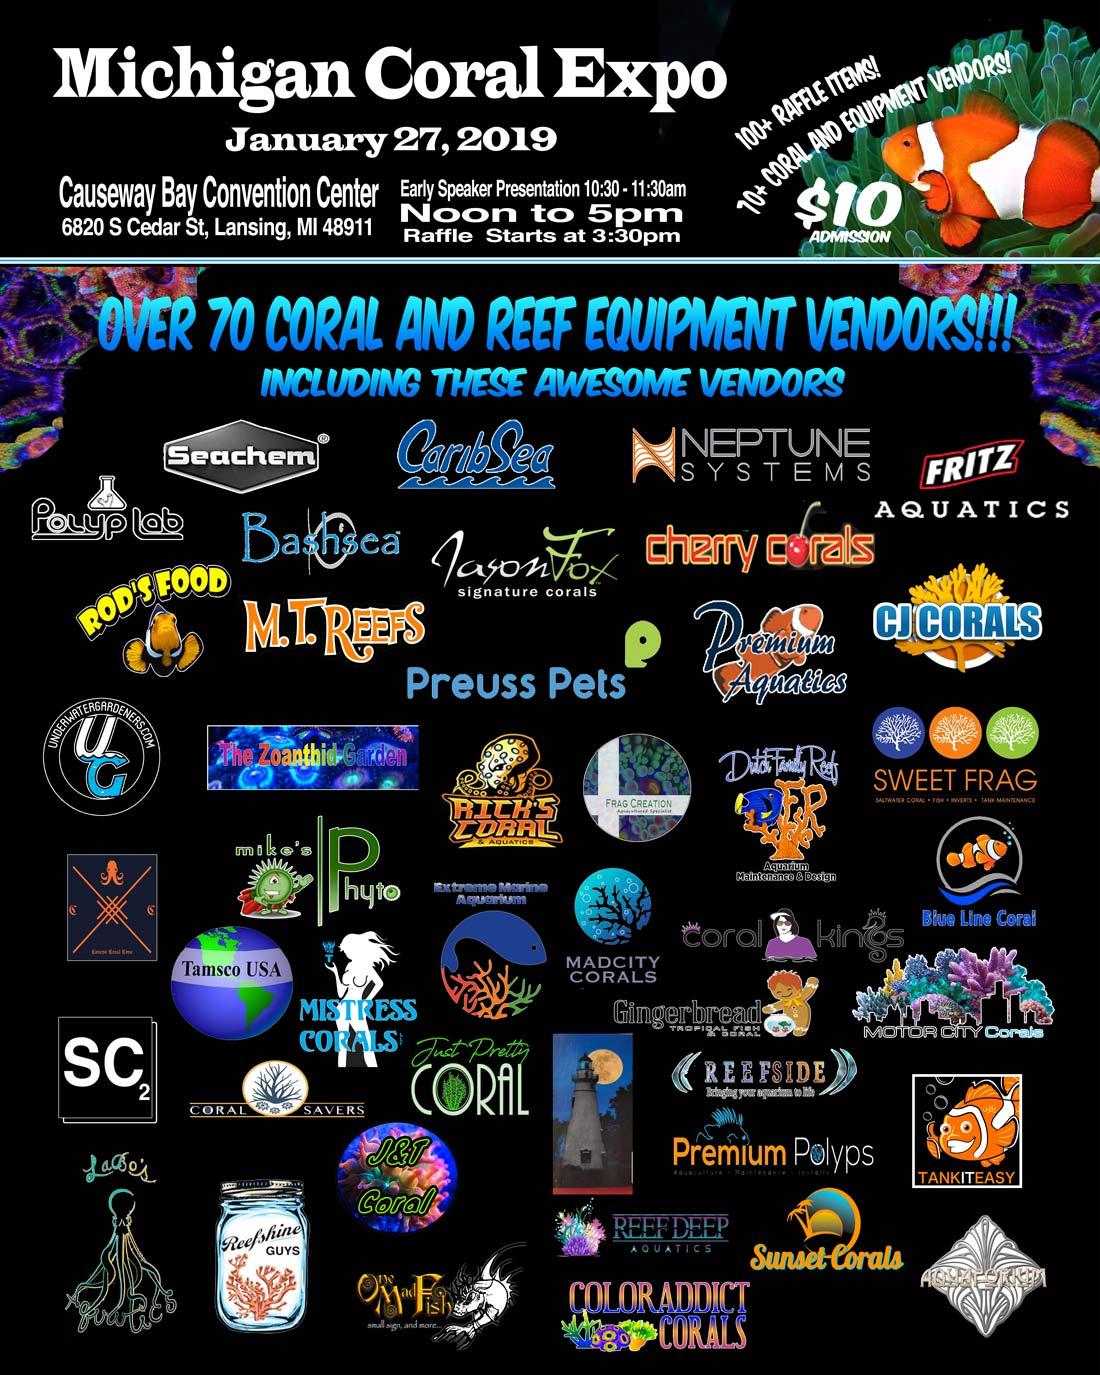 mce 2019 poster logos - Michigan Coral Expo - January 27, 2019 - Lansing, MI